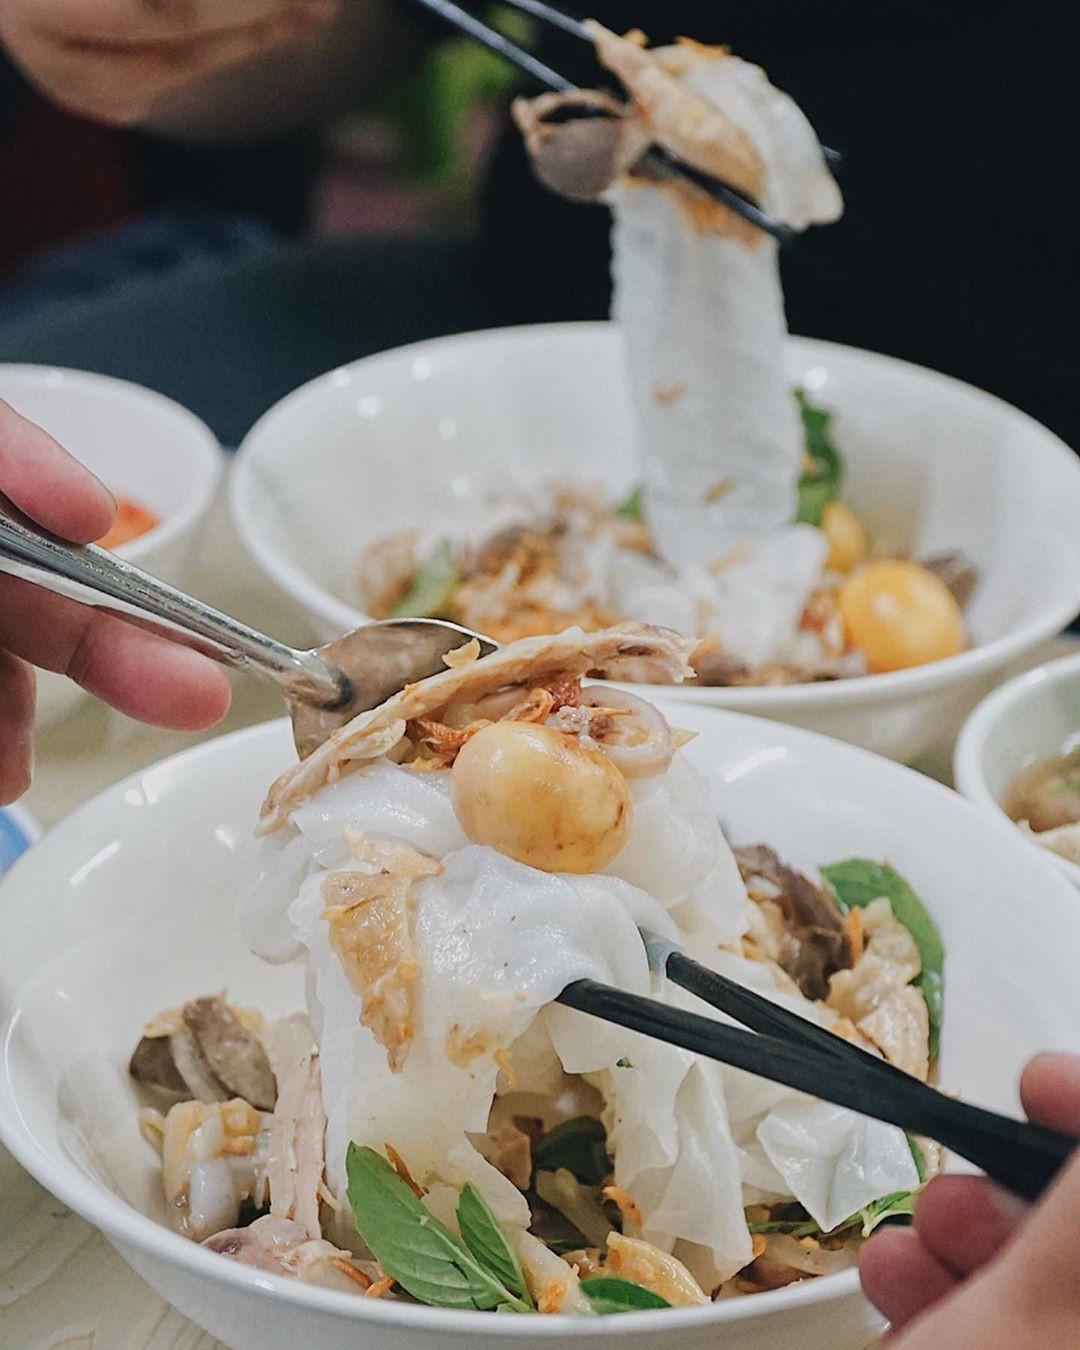 'Ăn sập Đà Lạt' với danh sách món ăn vặt hấp dẫn và hàng loạt quán ăn ngon - Ảnh 8.